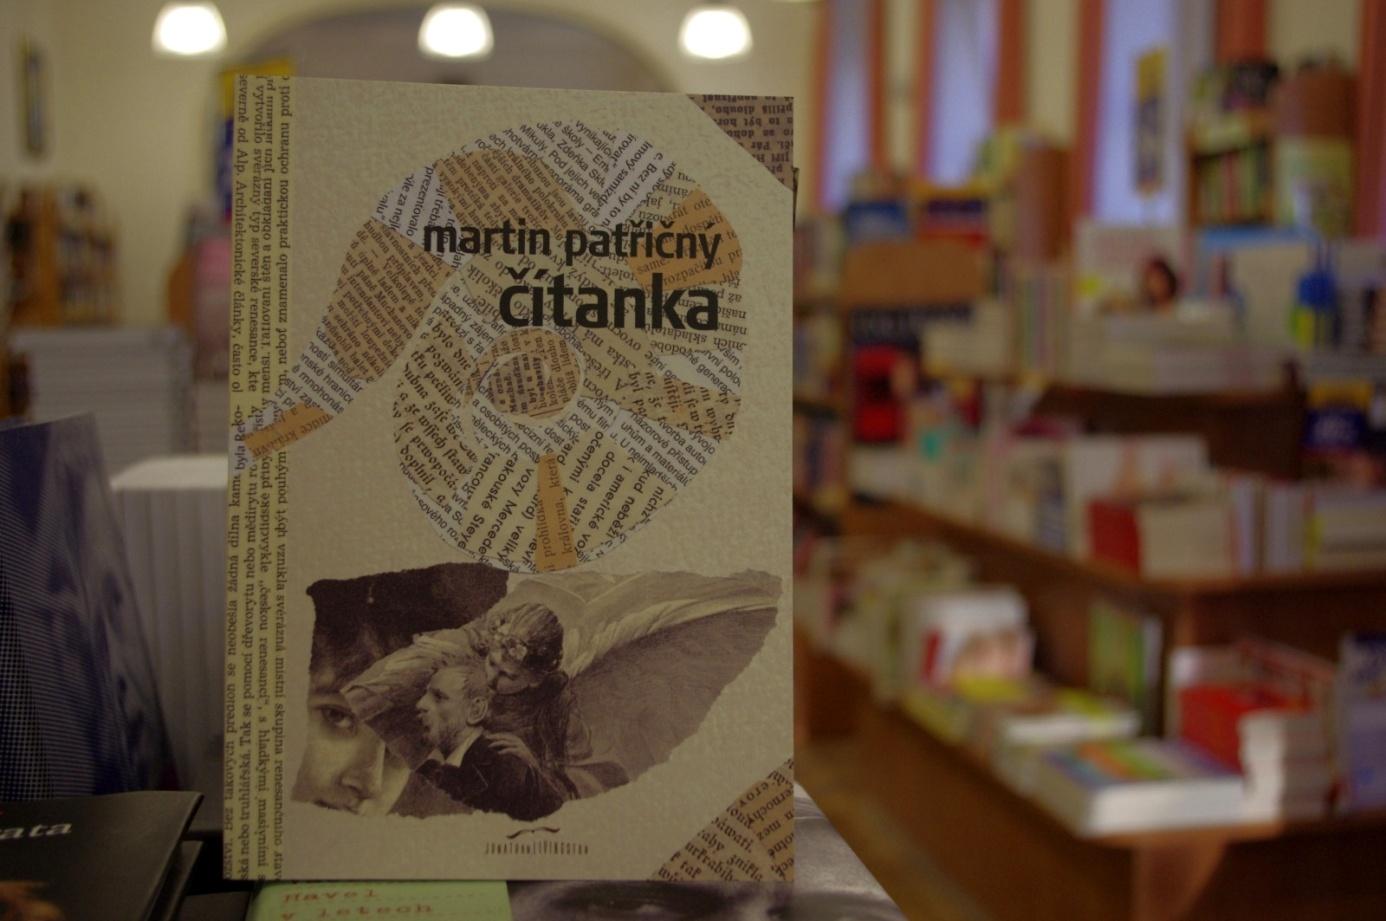 Martin Patřičný: Čítanka (kniha o čtení a knihách)